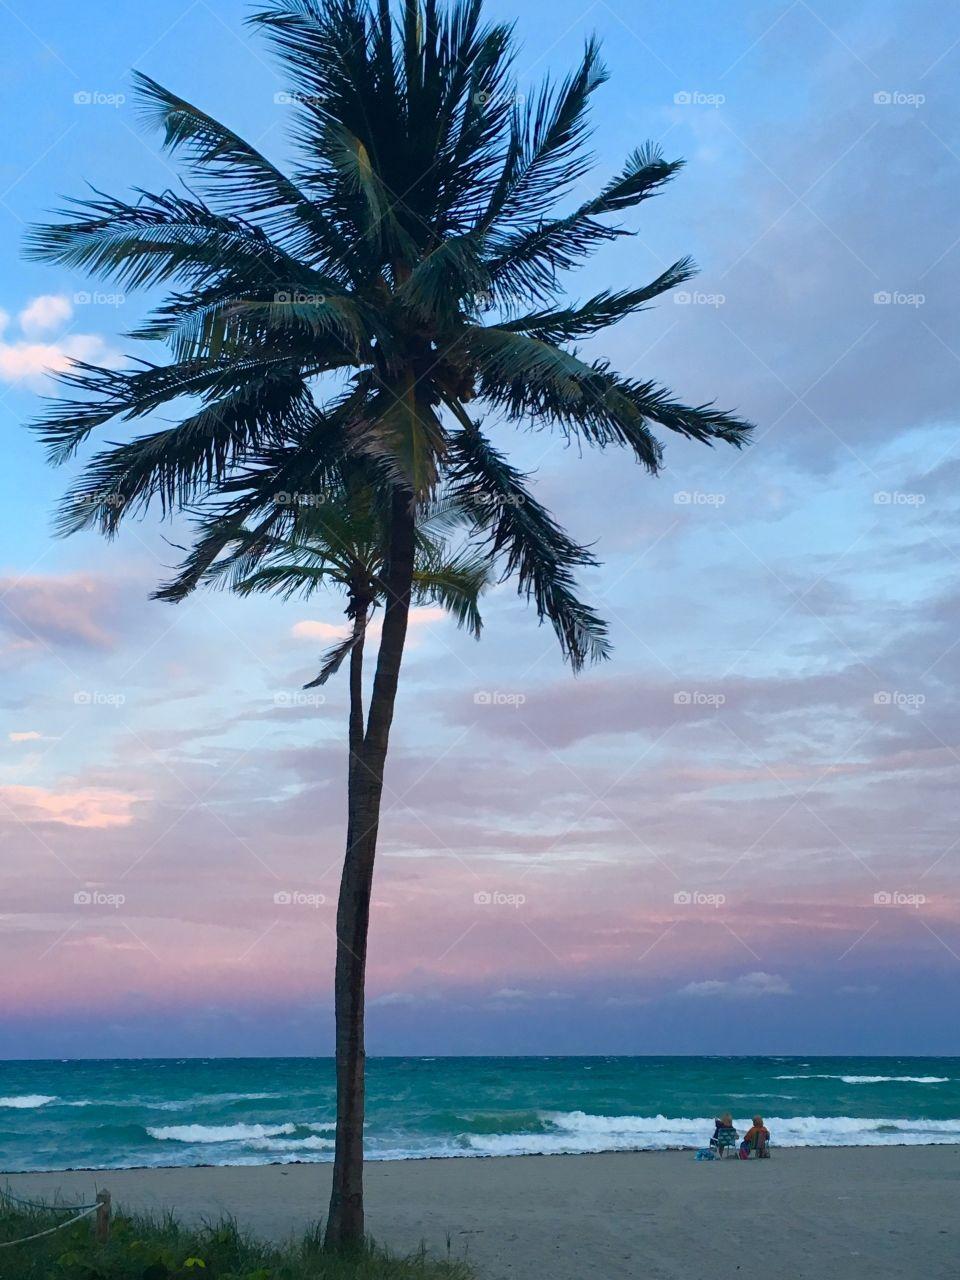 Miami beach palm tree at ocean